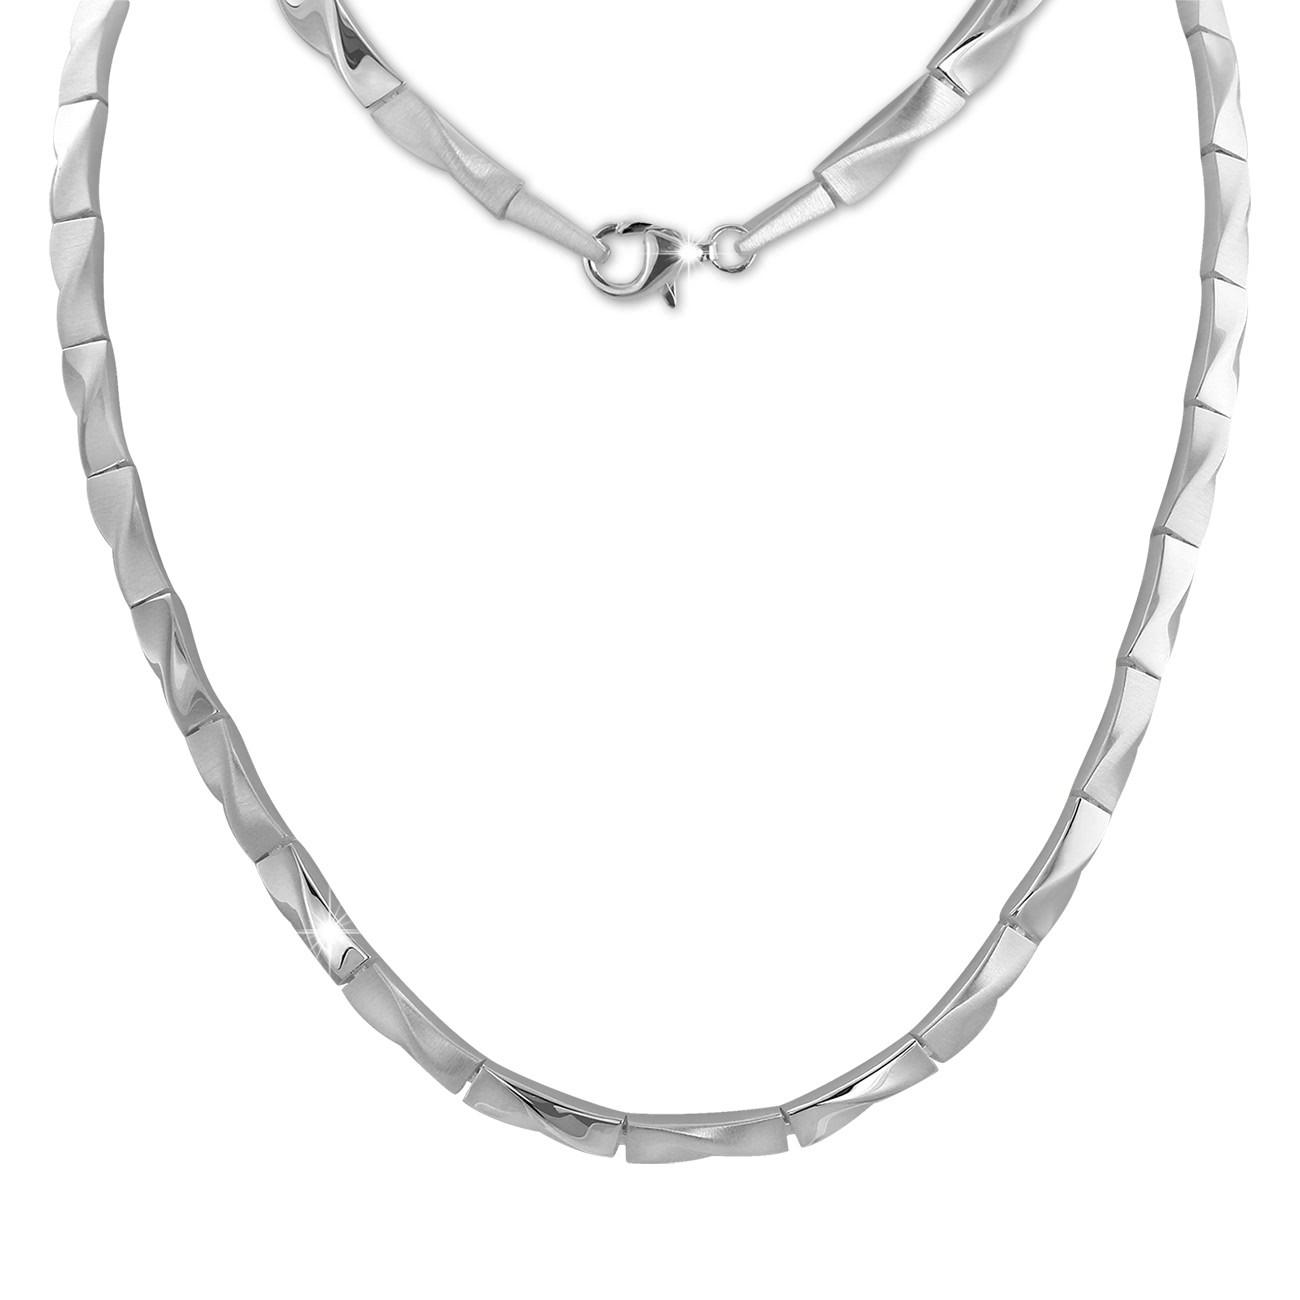 SilberDream Collier Kette Zopf 925 Sterling Silber 45cm Halskette SDK463J